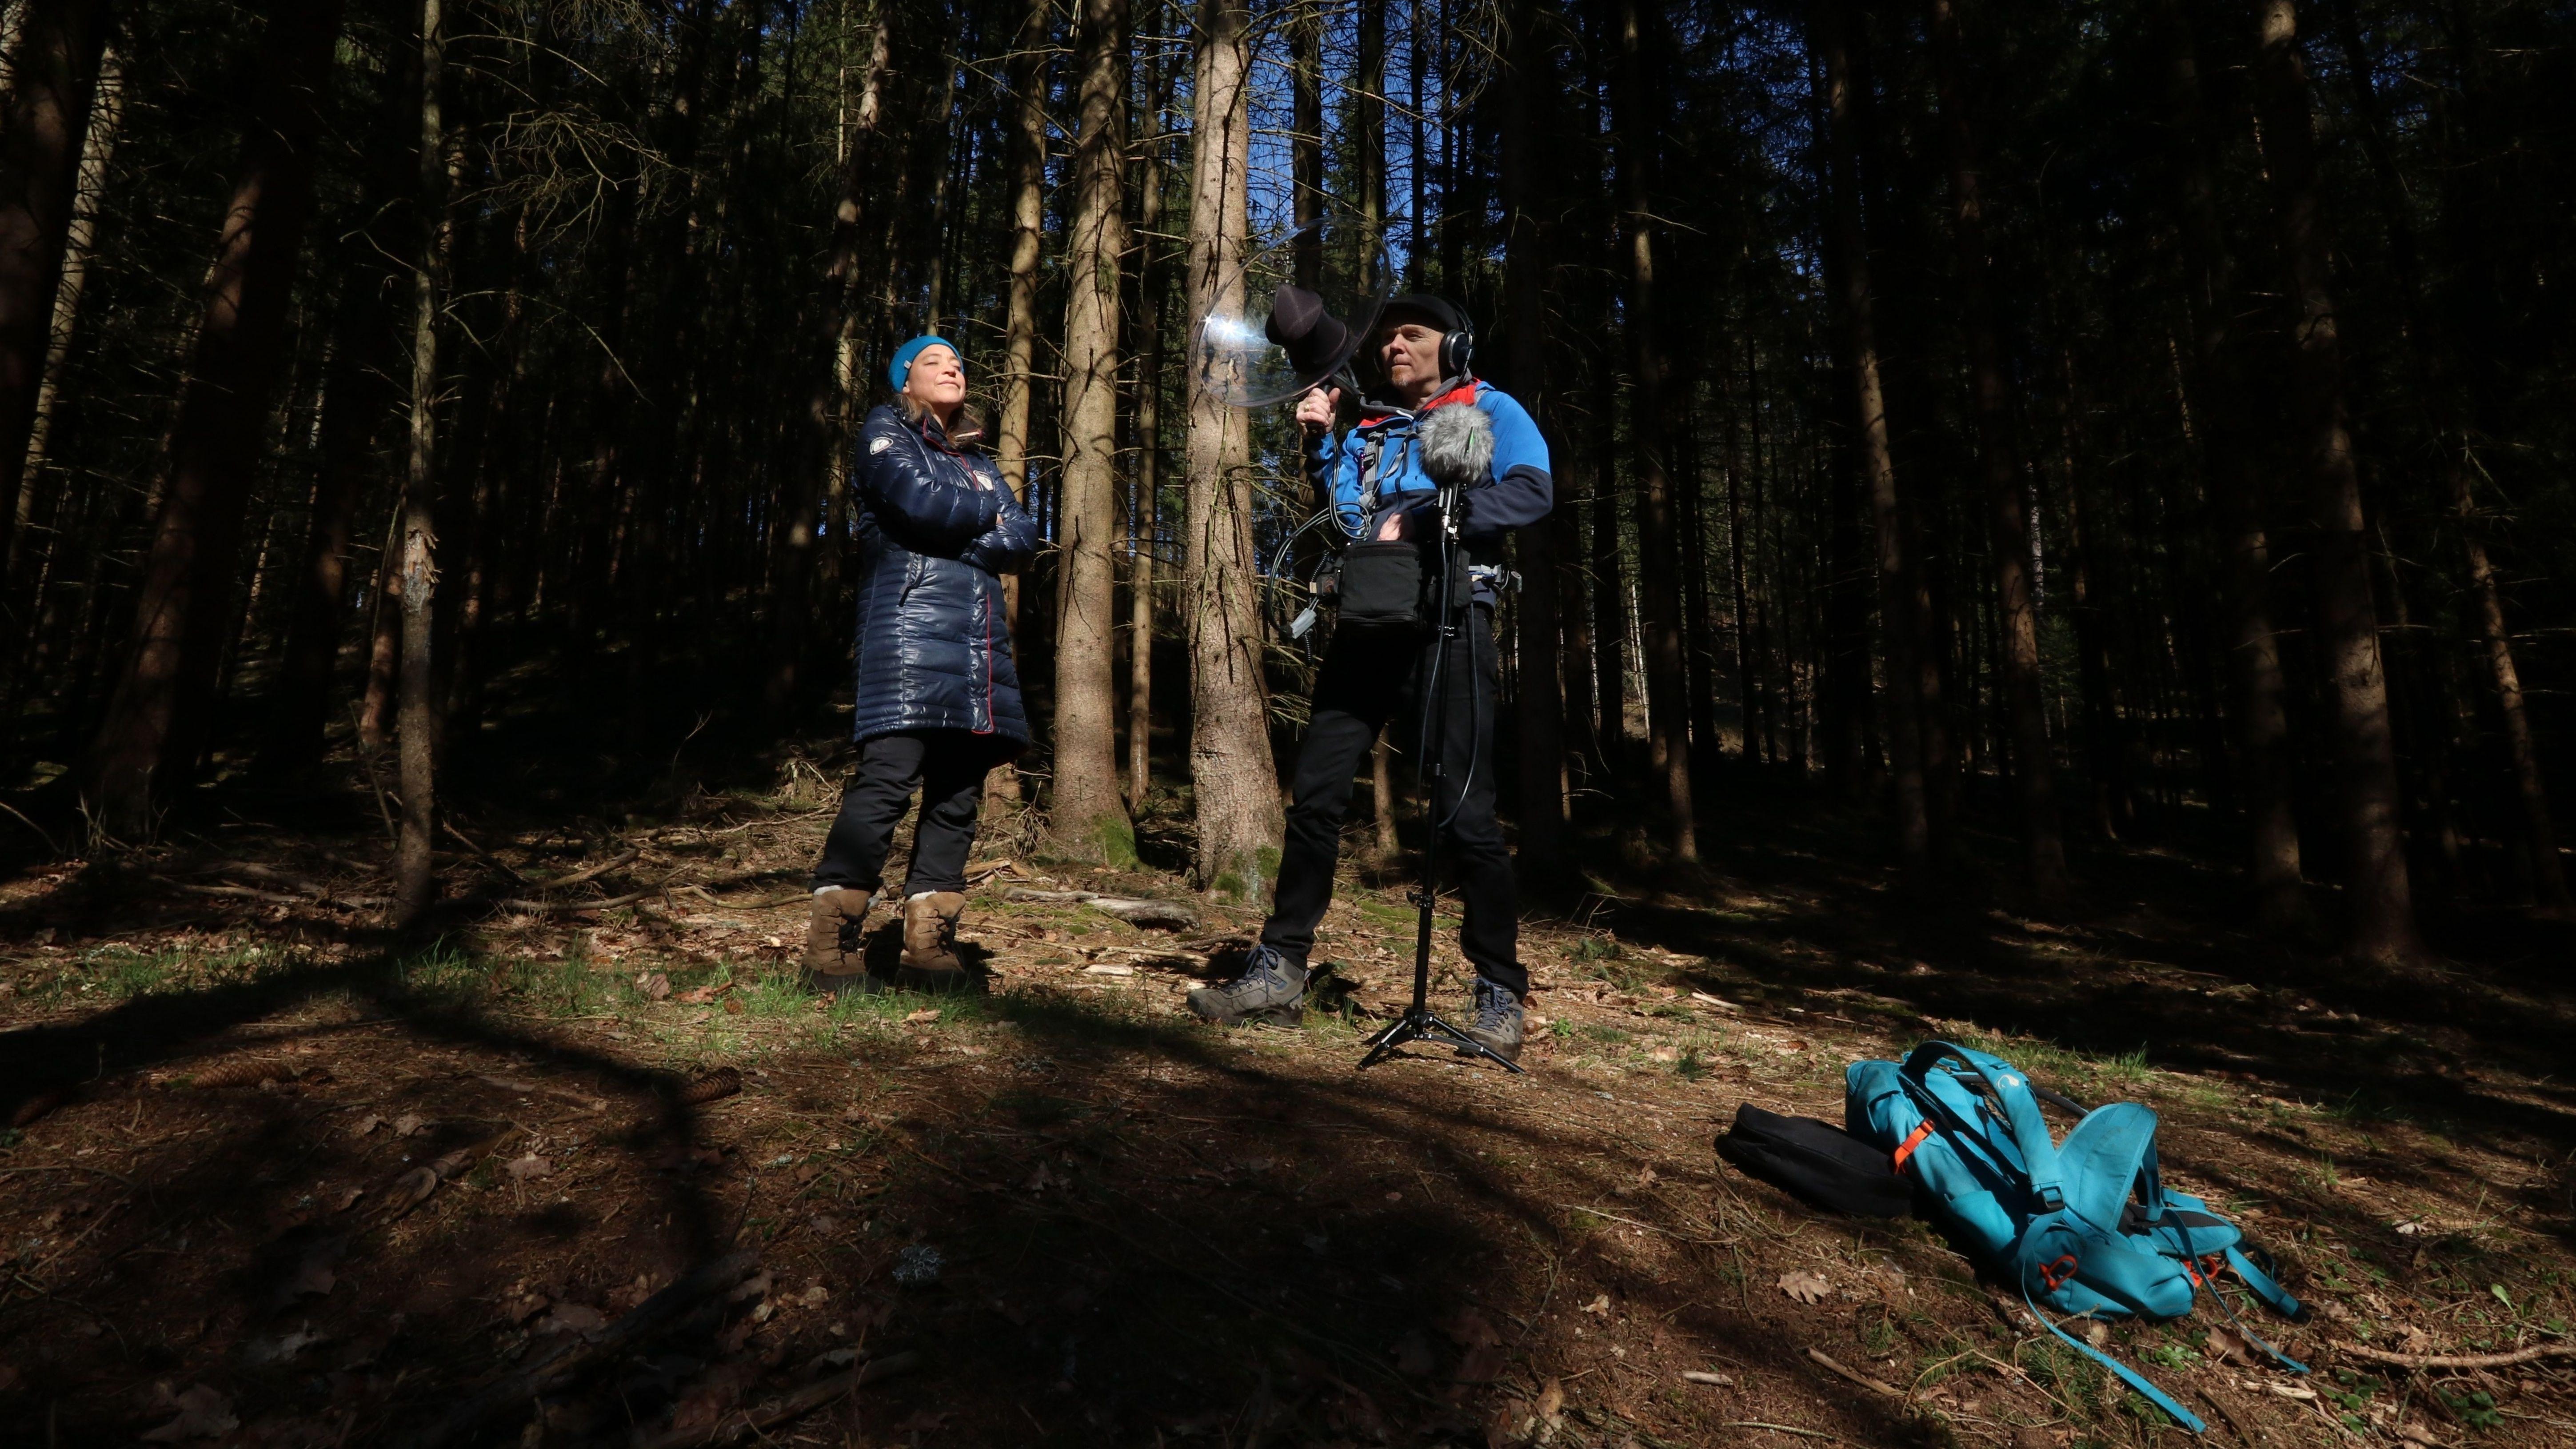 Frank und Ursula Wendeberg machen Aufnahmen im Wald. Mit ihrer Arbeit wollen sie auf Tournee durch die Nationalparks gehen.